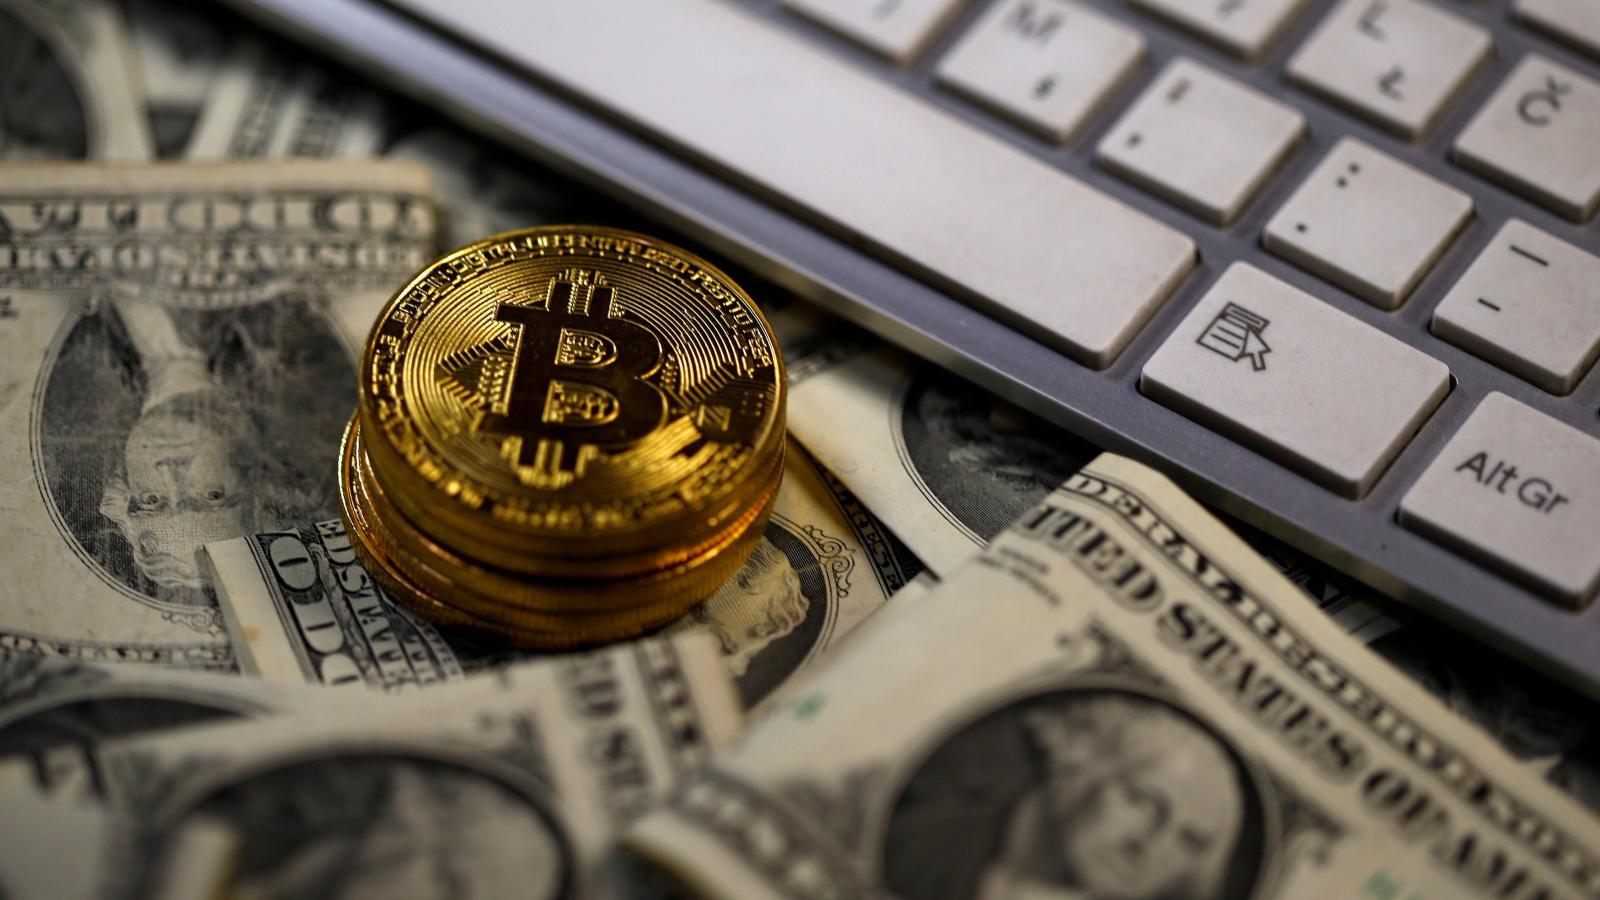 Bitcoin Fiyatı Analizi: İşte Kısa Vadeli Hedefler ve Olası Senaryolar! - Kriptokoin.com